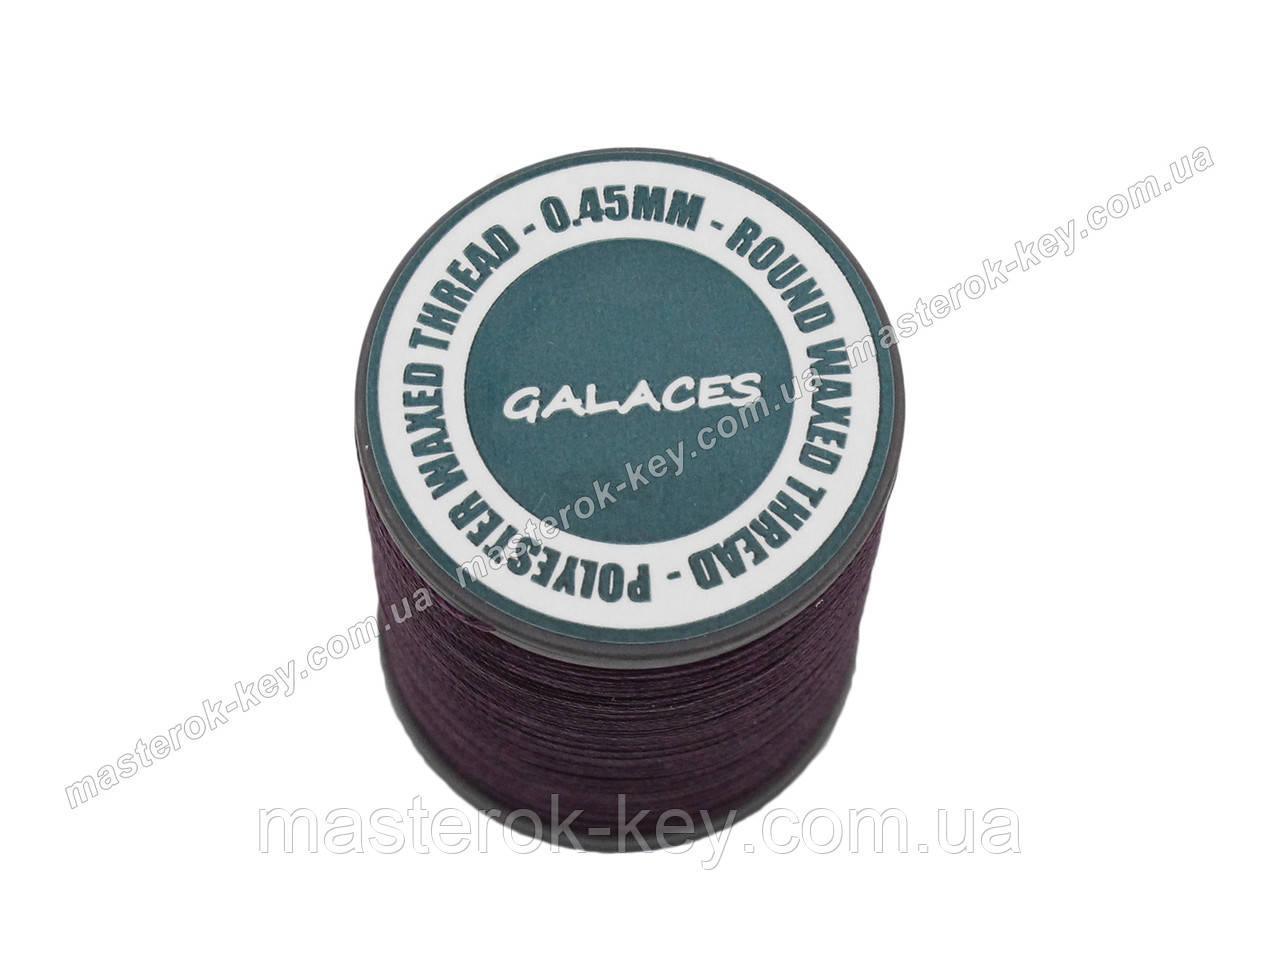 Galaces 0.45мм фиолетовая (S047) нить круглая вощёная по коже